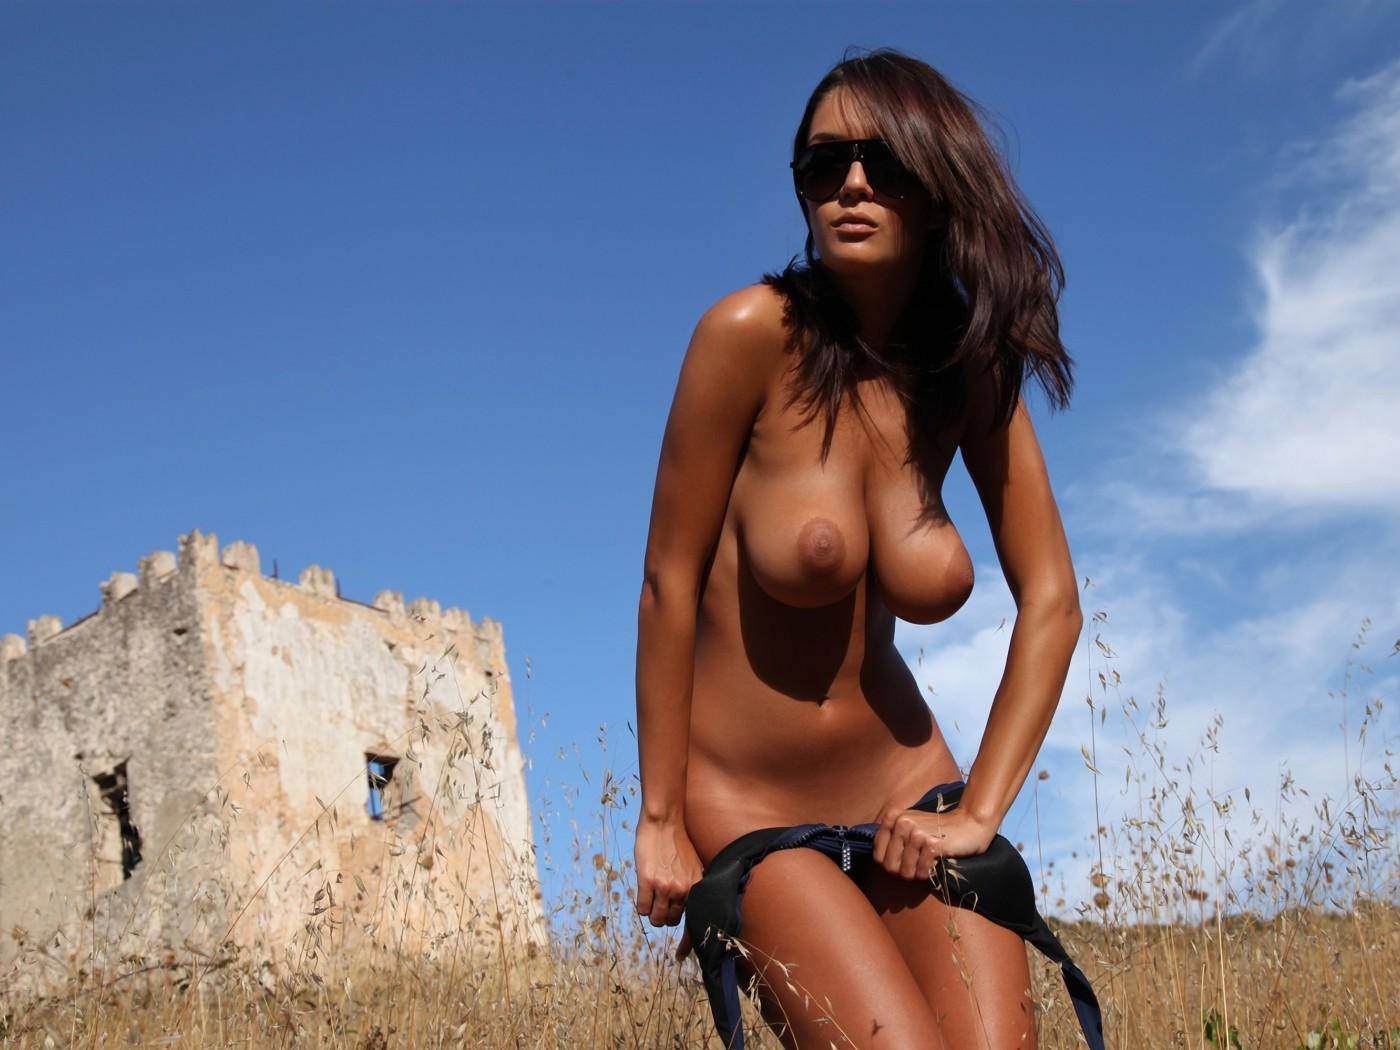 Телки с охуенными фигурами, Красивое порно » Страница 3 » Порно онлайн в хорошем 14 фотография